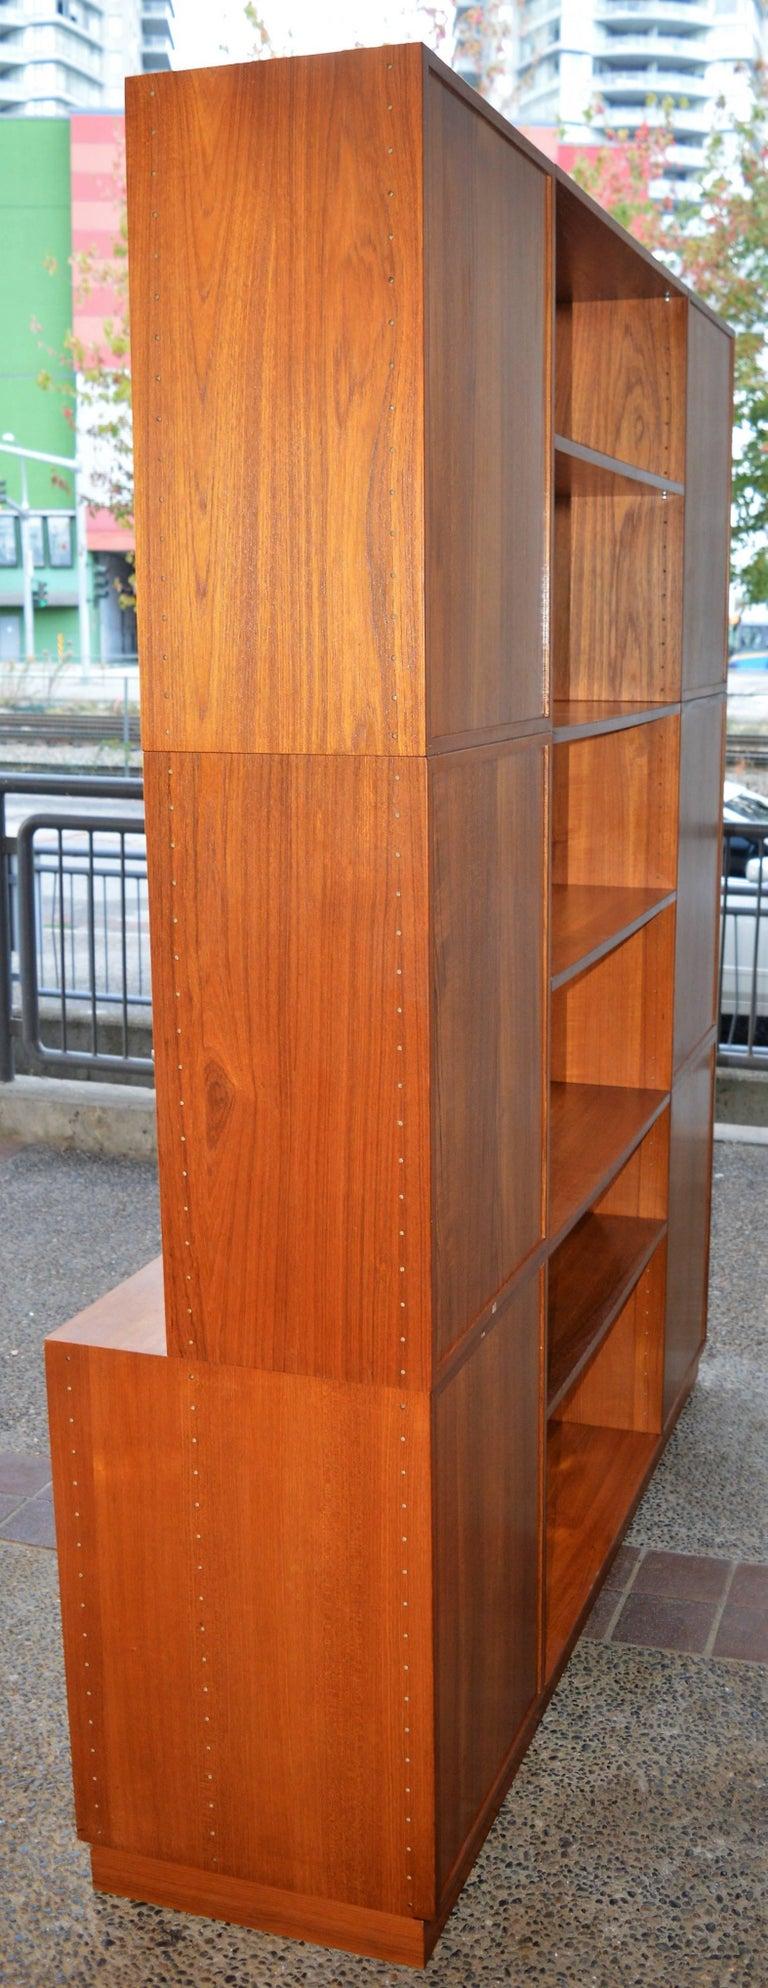 Finn Juhl Modular Teak Wall Unit / Office Shelving for France & Son For Sale 3